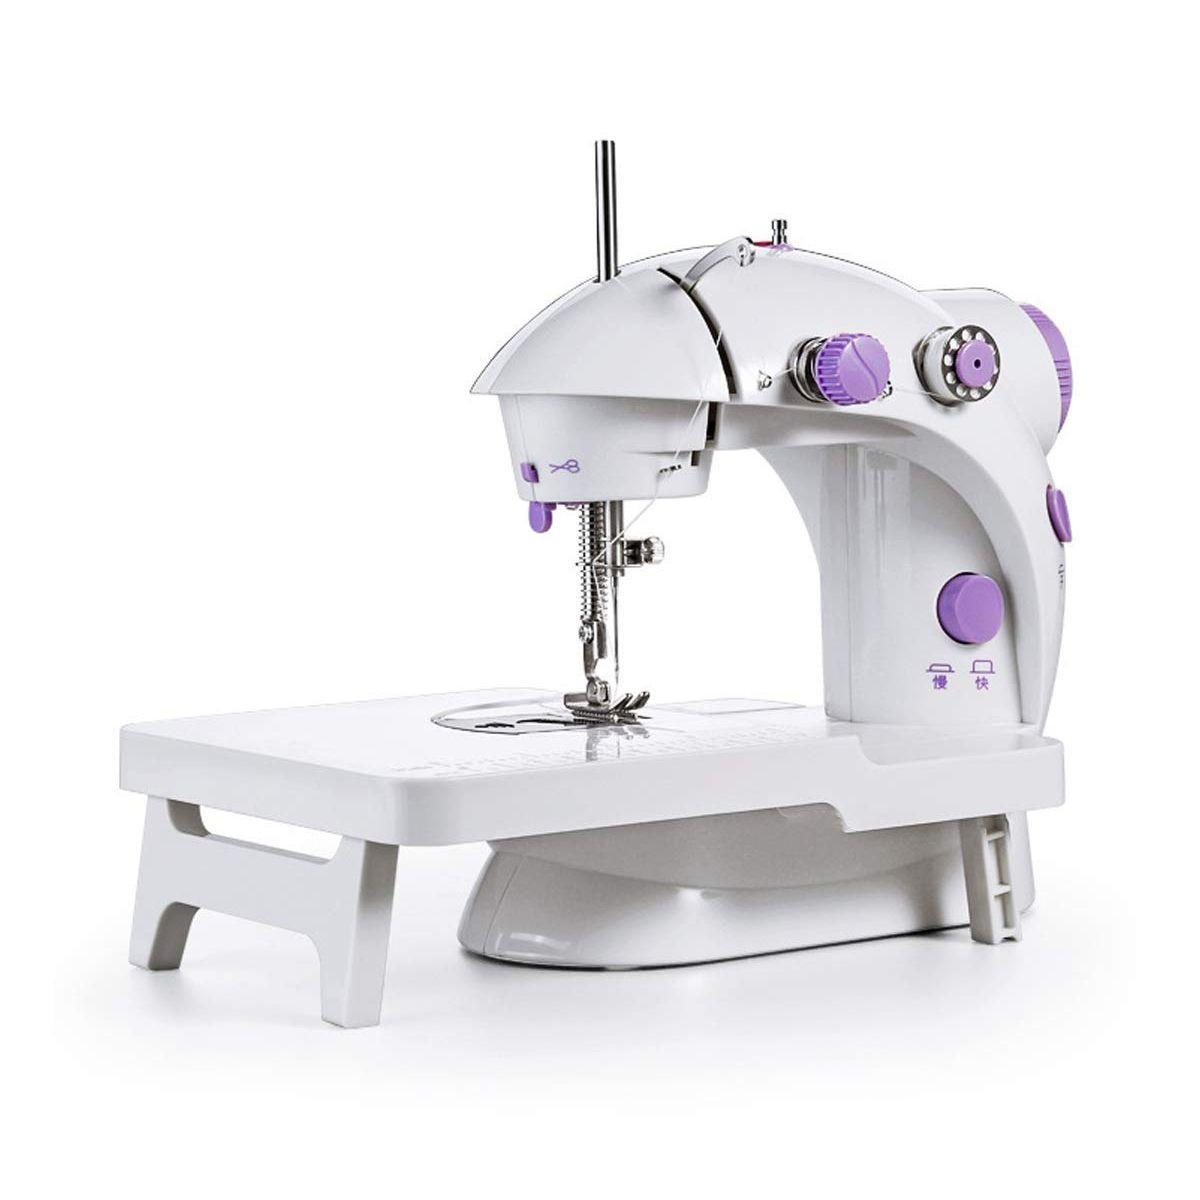 Mesa Extensora Para Mini Máquina De Costura LMD-202